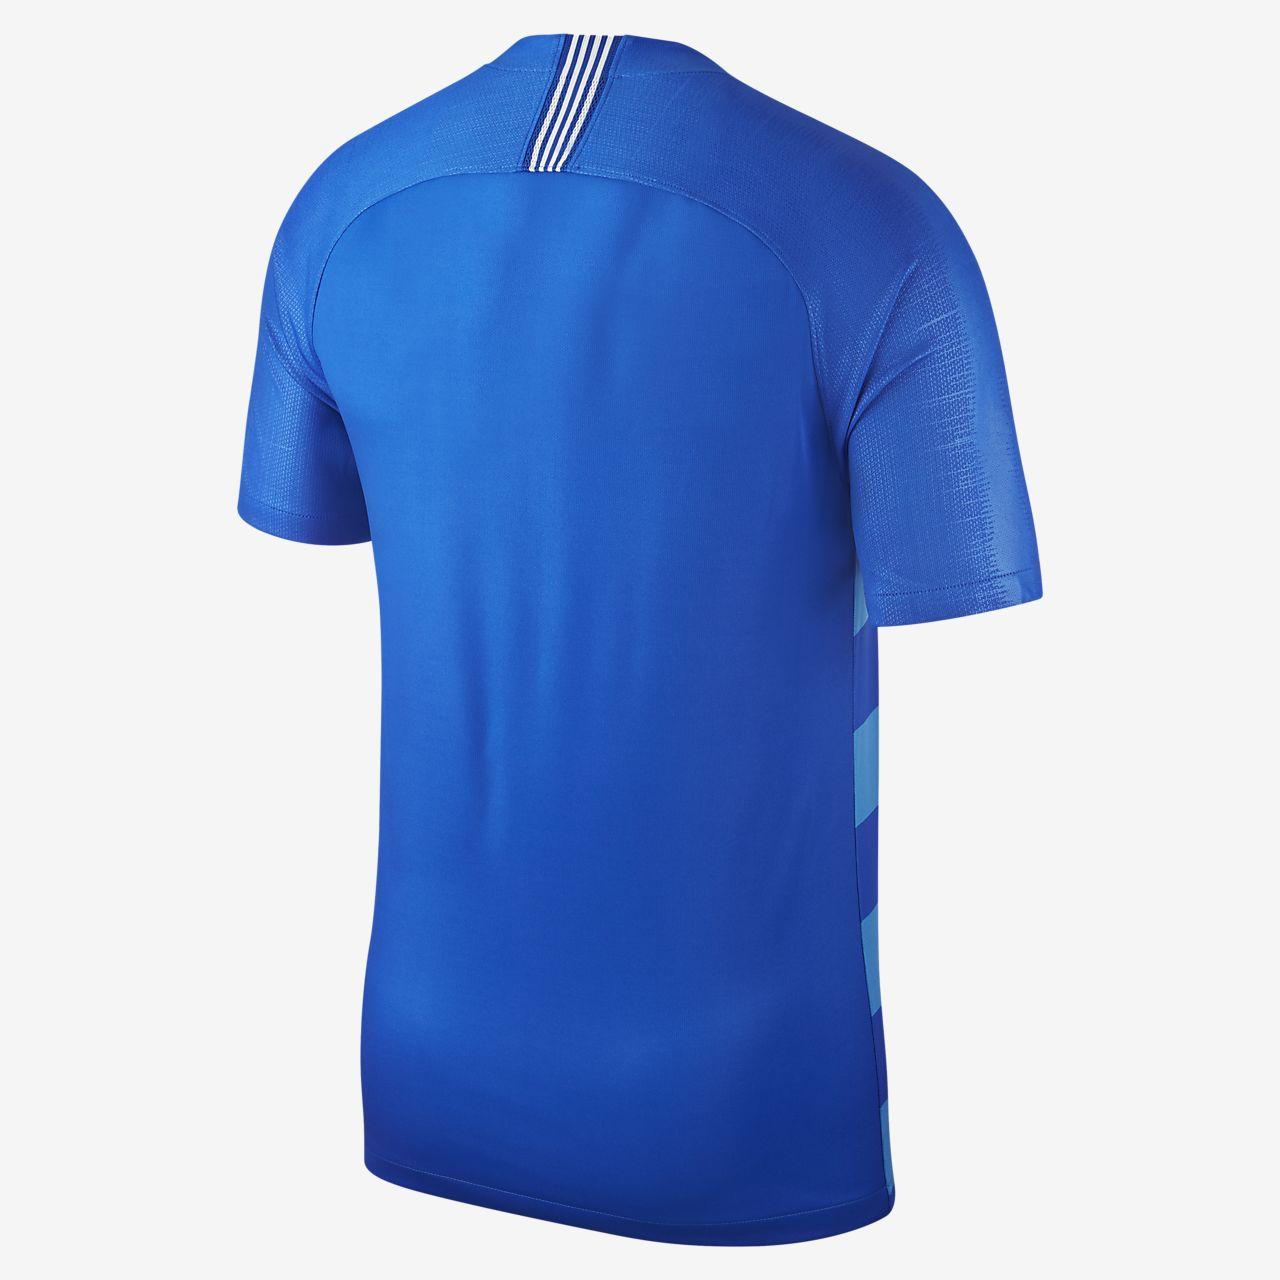 5a8bca70224 2018 Greece Stadium Away Men s Football Shirt. Nike.com AU